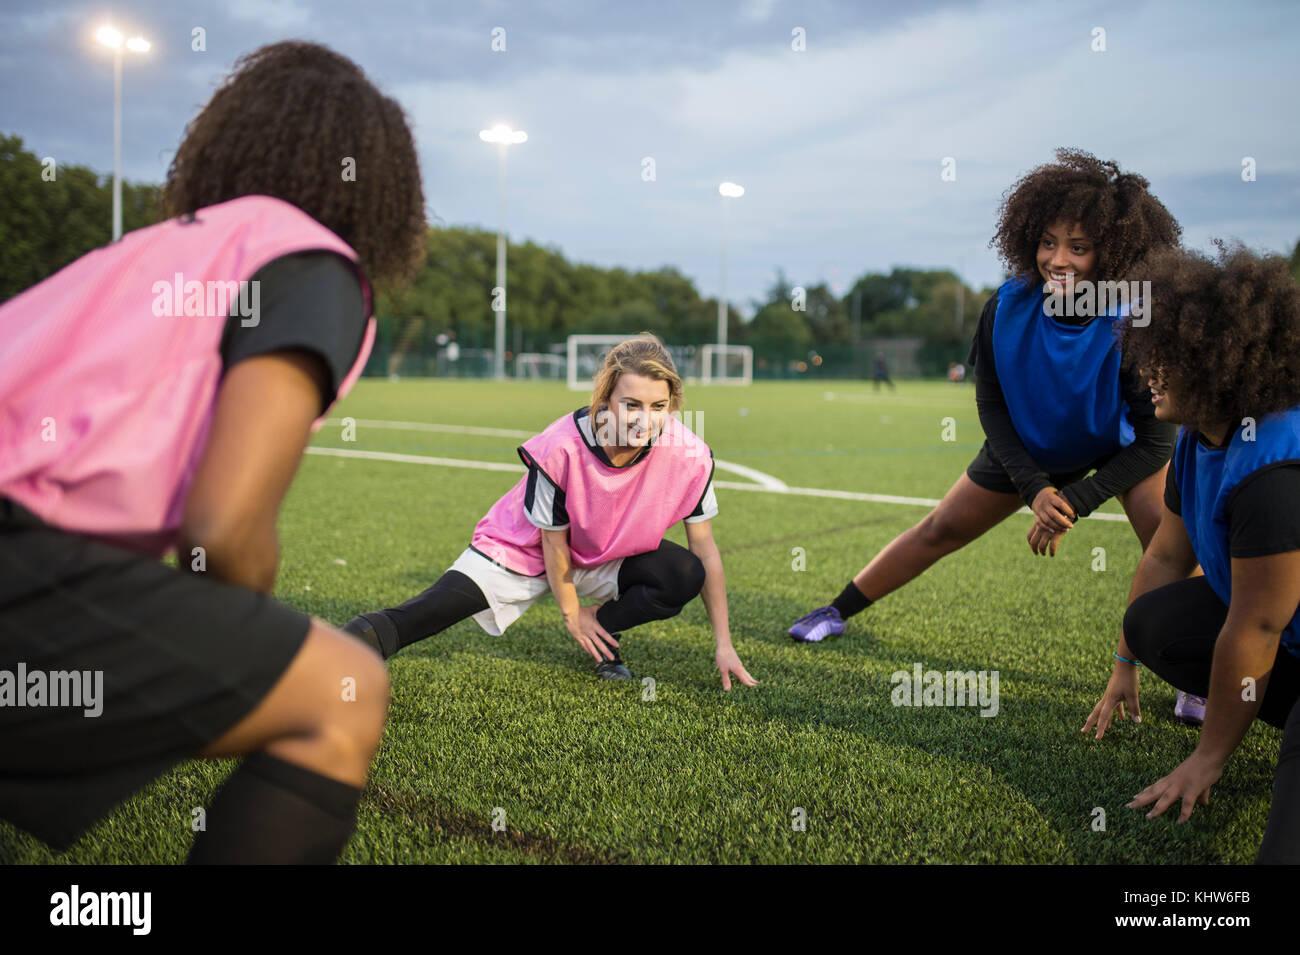 El equipo de fútbol de la mujer práctica, Hackney, Este de Londres, Reino Unido Foto de stock